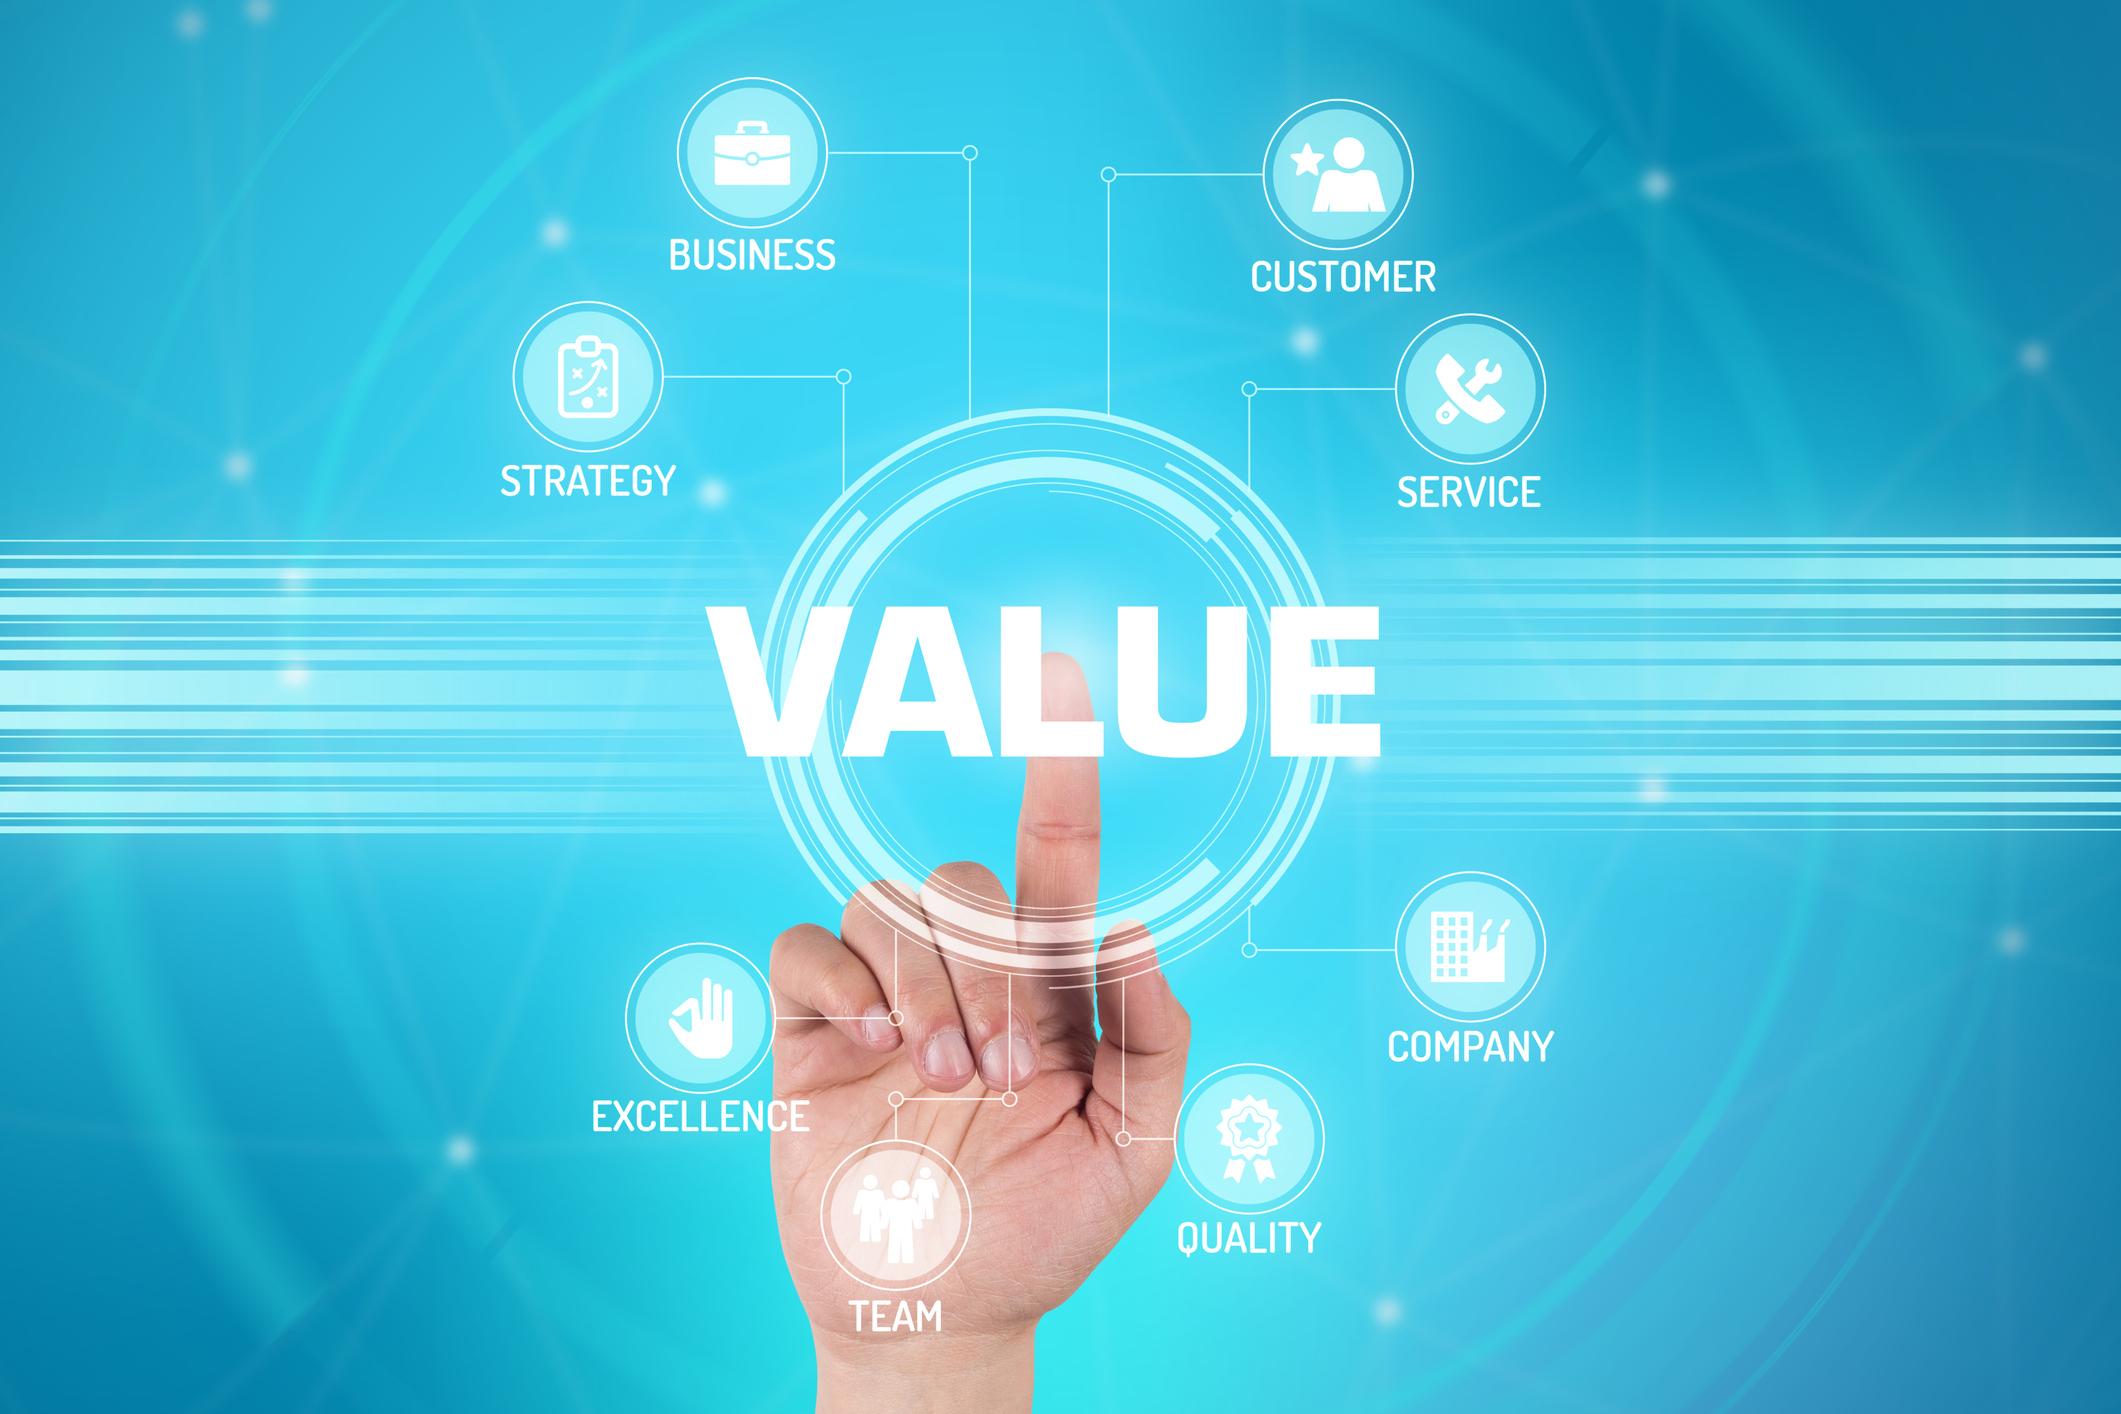 waardengedreven werken